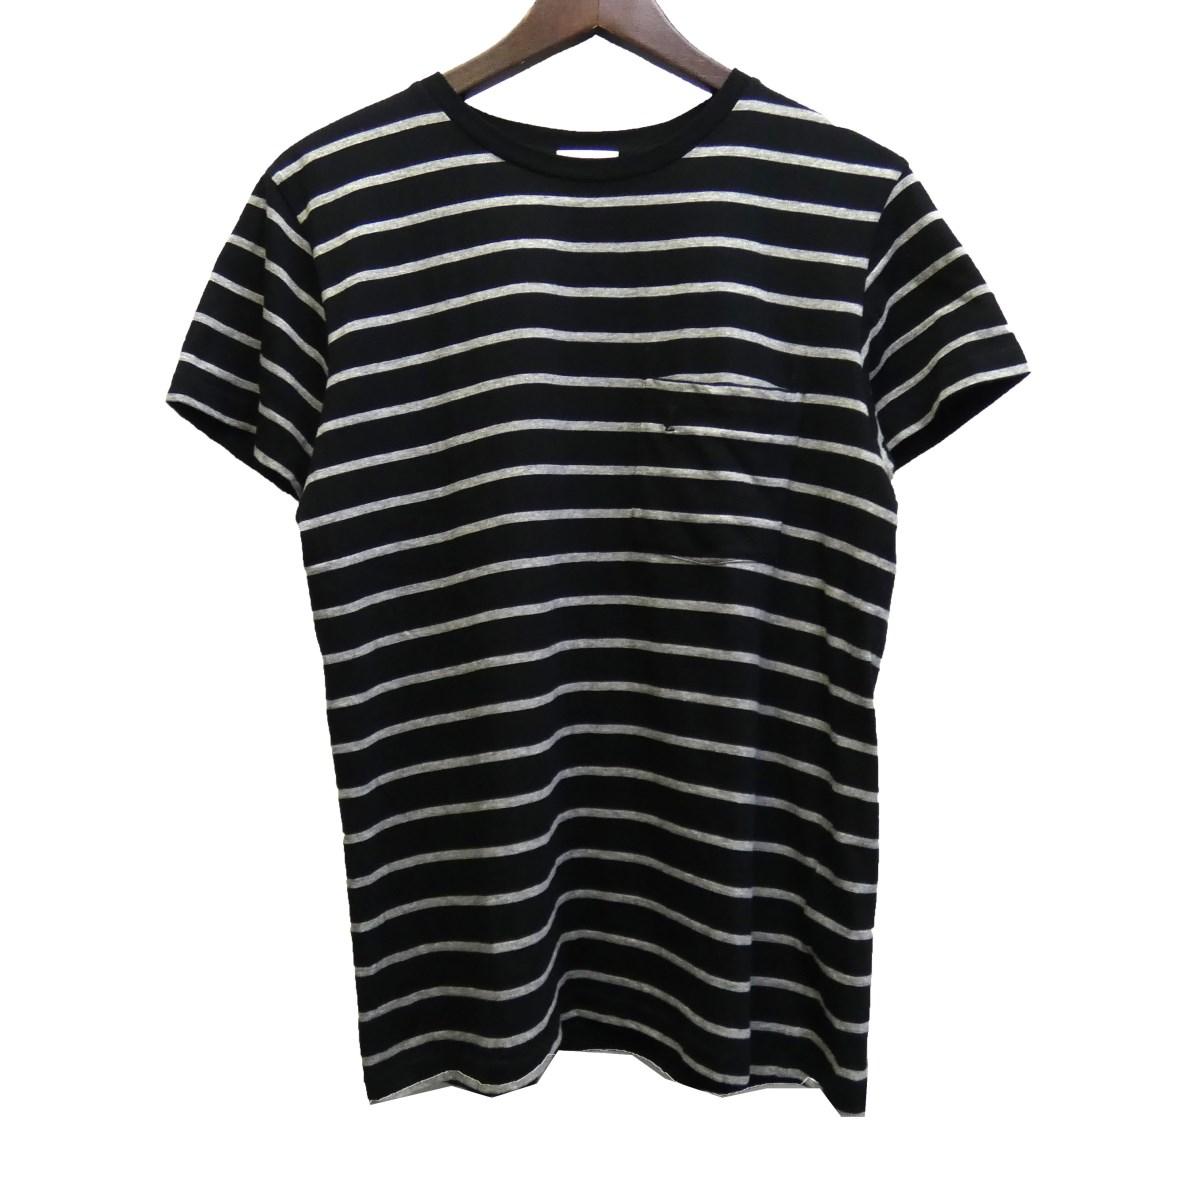 【中古】SAINT LAURENT PARIS 17SS 胸ポケットロゴTシャツ ブラック×ホワイト サイズ:S 【240420】(サンローランパリ)